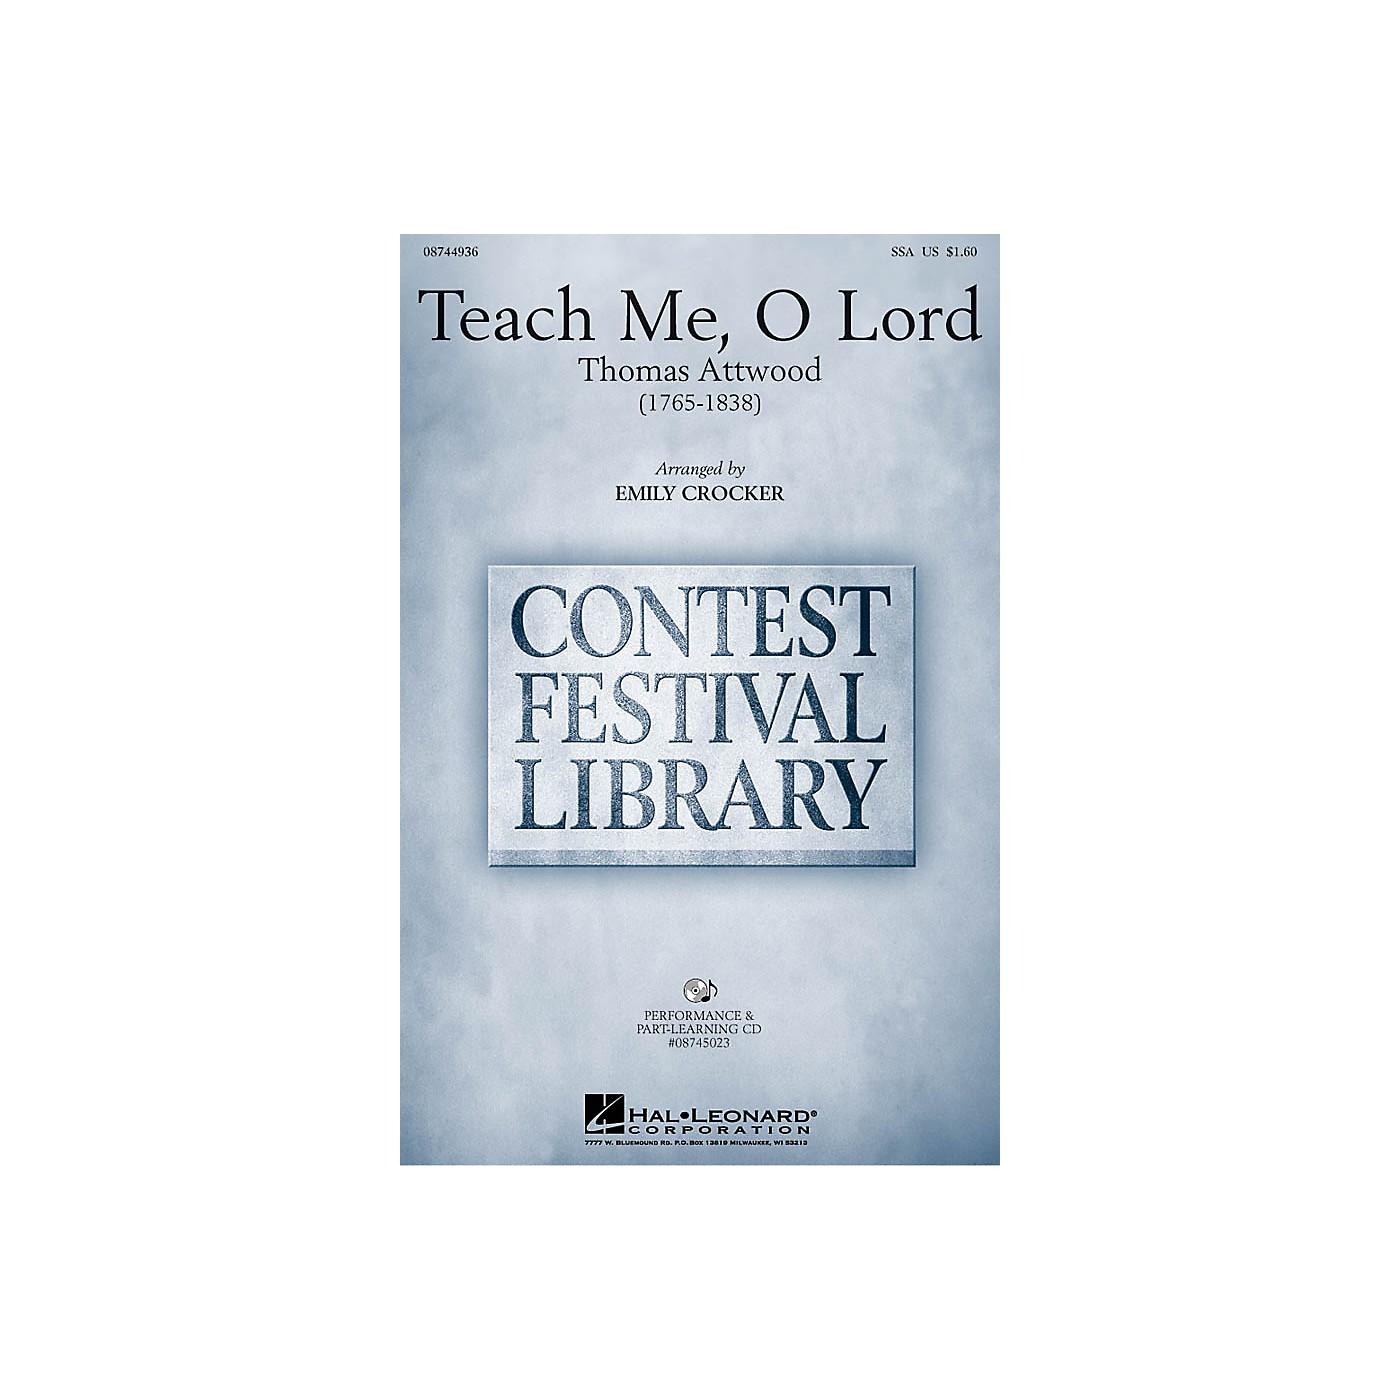 Hal Leonard Teach Me, O Lord VoiceTrax CD Arranged by Emily Crocker thumbnail